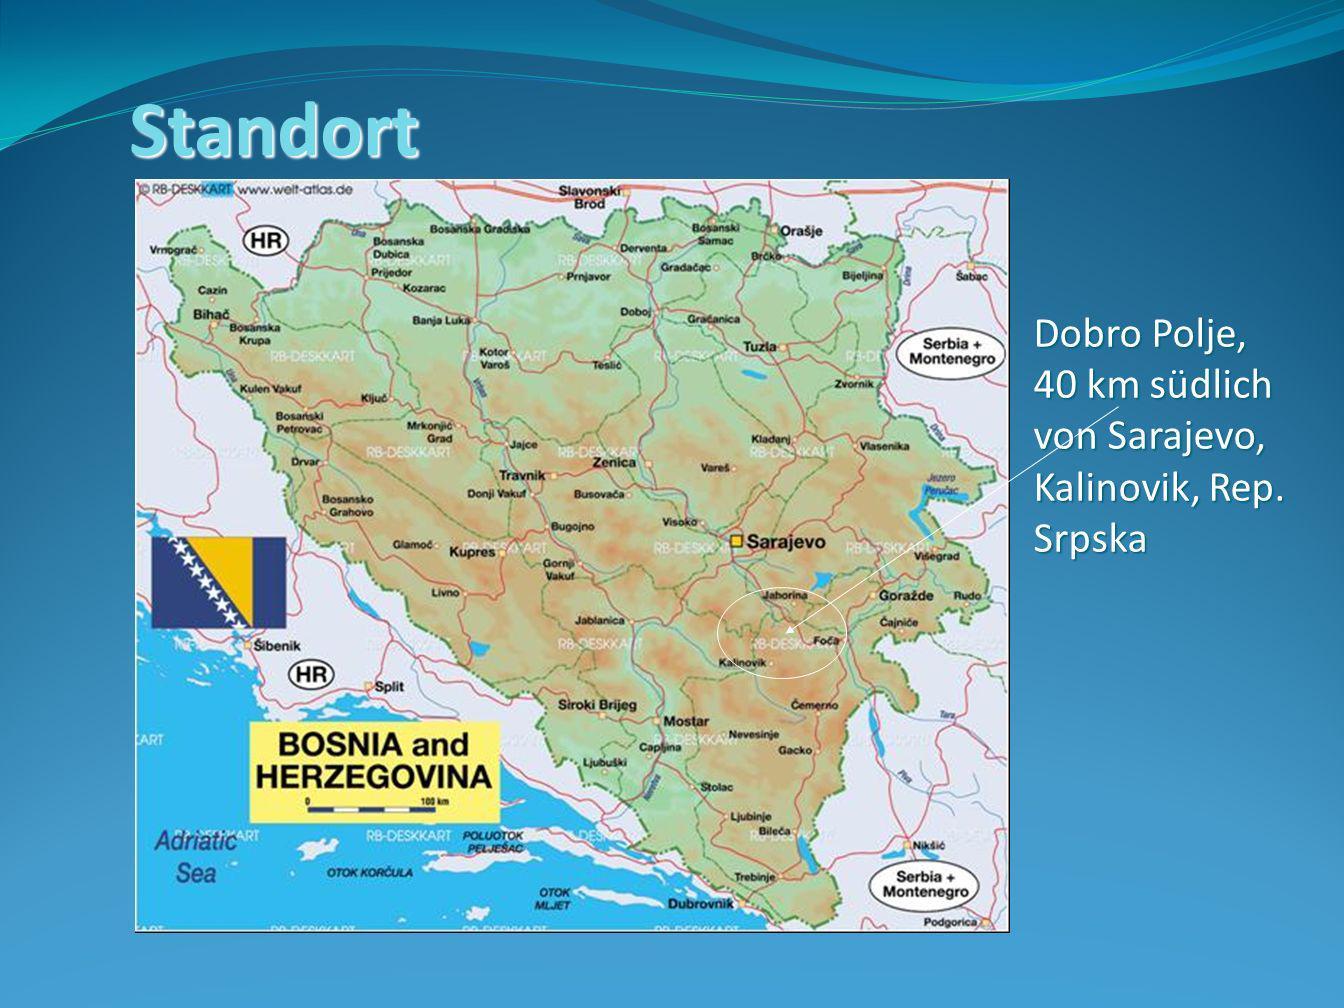 Standort Dobro Polje, 40 km südlich von Sarajevo,